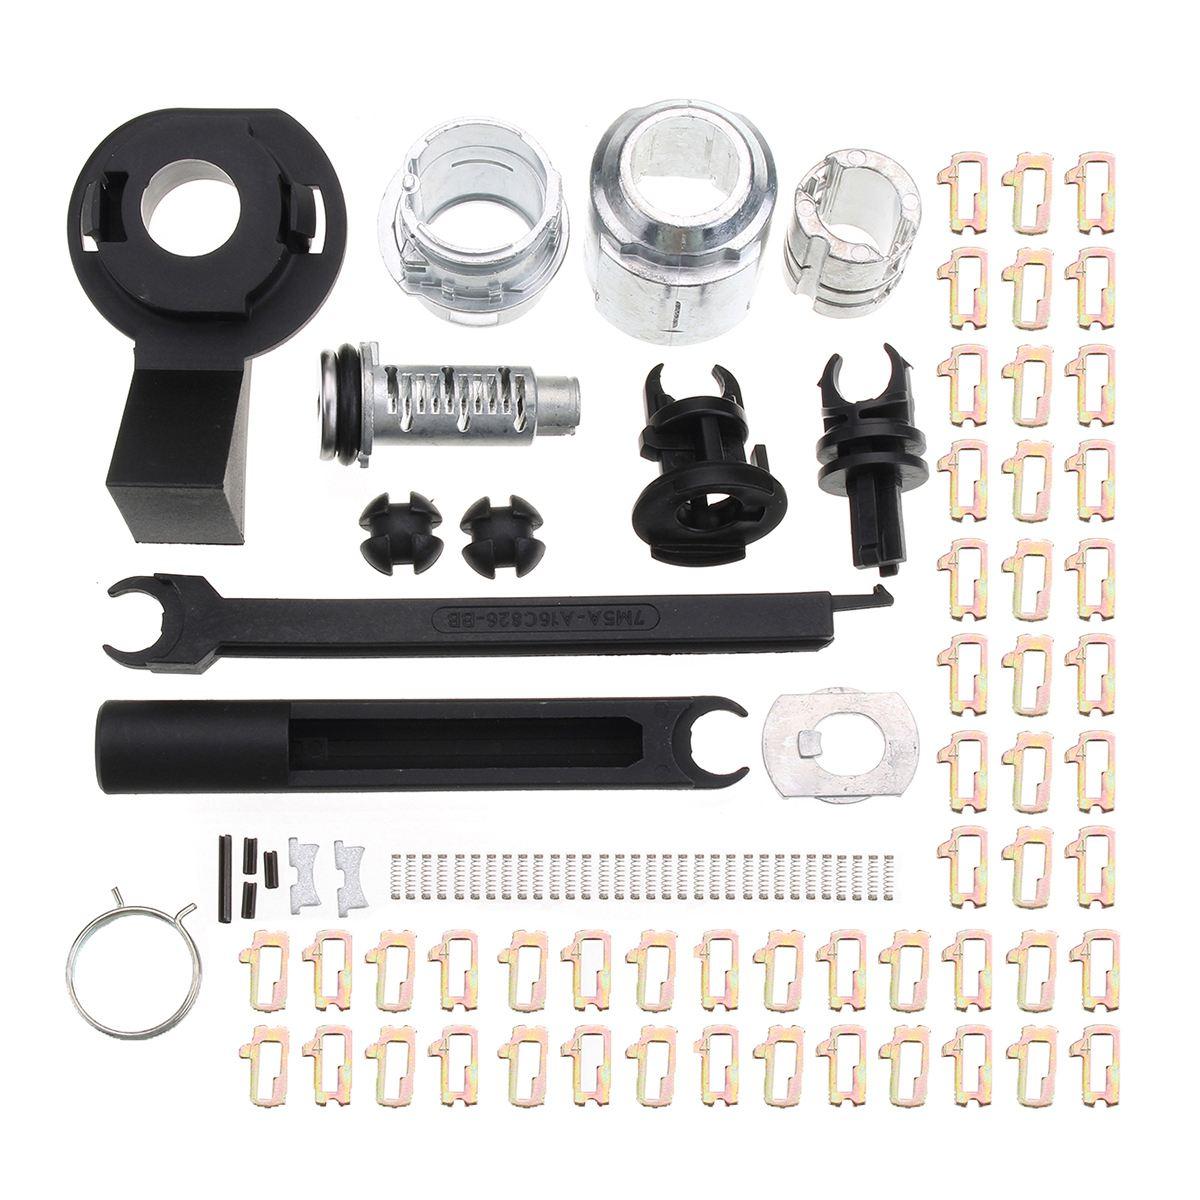 Kit de reparación de bloqueo de liberación de capó de coche pestillo para Ford/Focus MK2 2004-2012 7M5AA16B970AA 4M5A-A16B970-AB 1355231 1535949